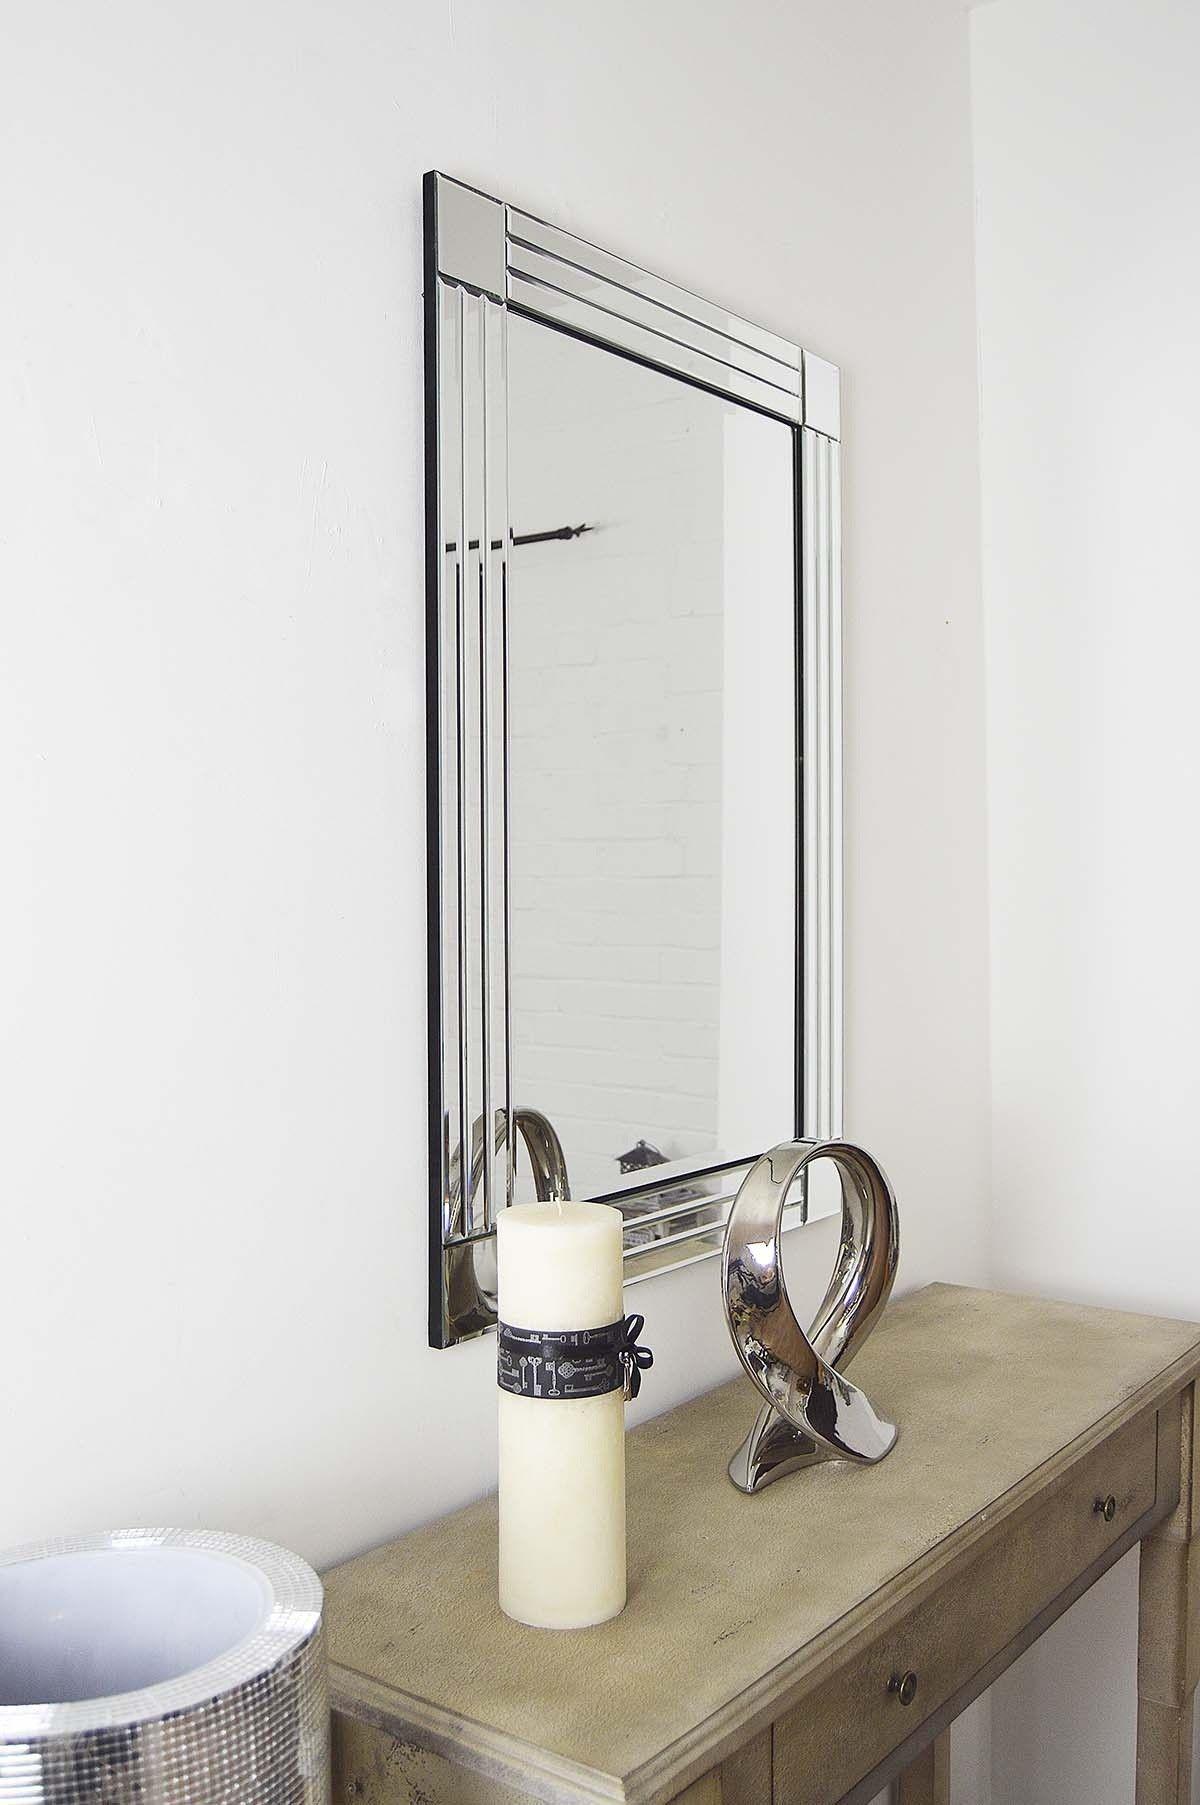 Bevelled Bathroom Mirror 70 Http Wwwmirroroutletcouk Modern Design Silver Bevelled